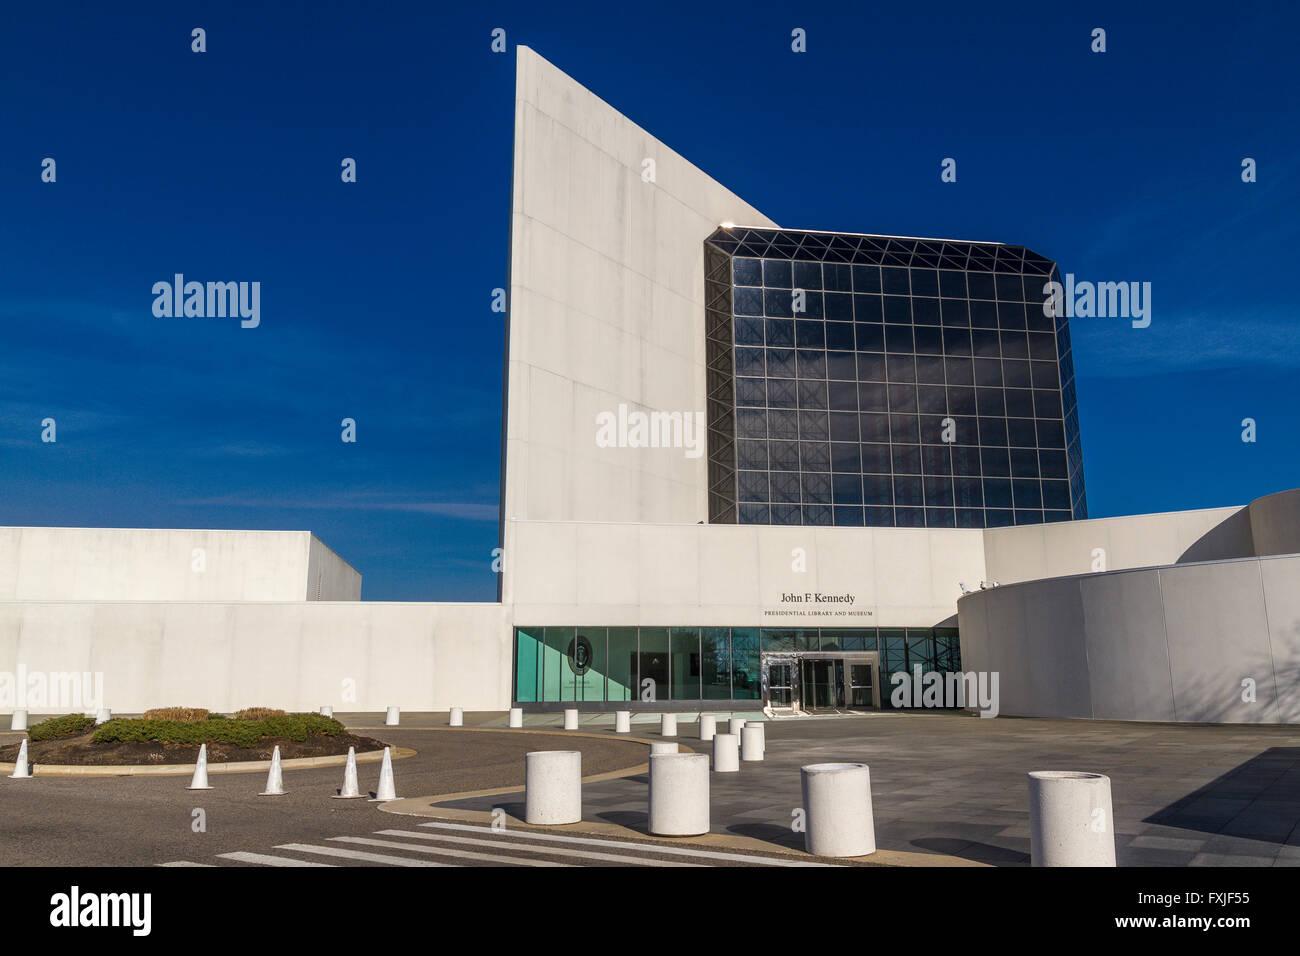 Il riassunto di angoli e curve e grande atrio in vetro del John F. Kennedy Presidential Library and Museum di Boston Immagini Stock